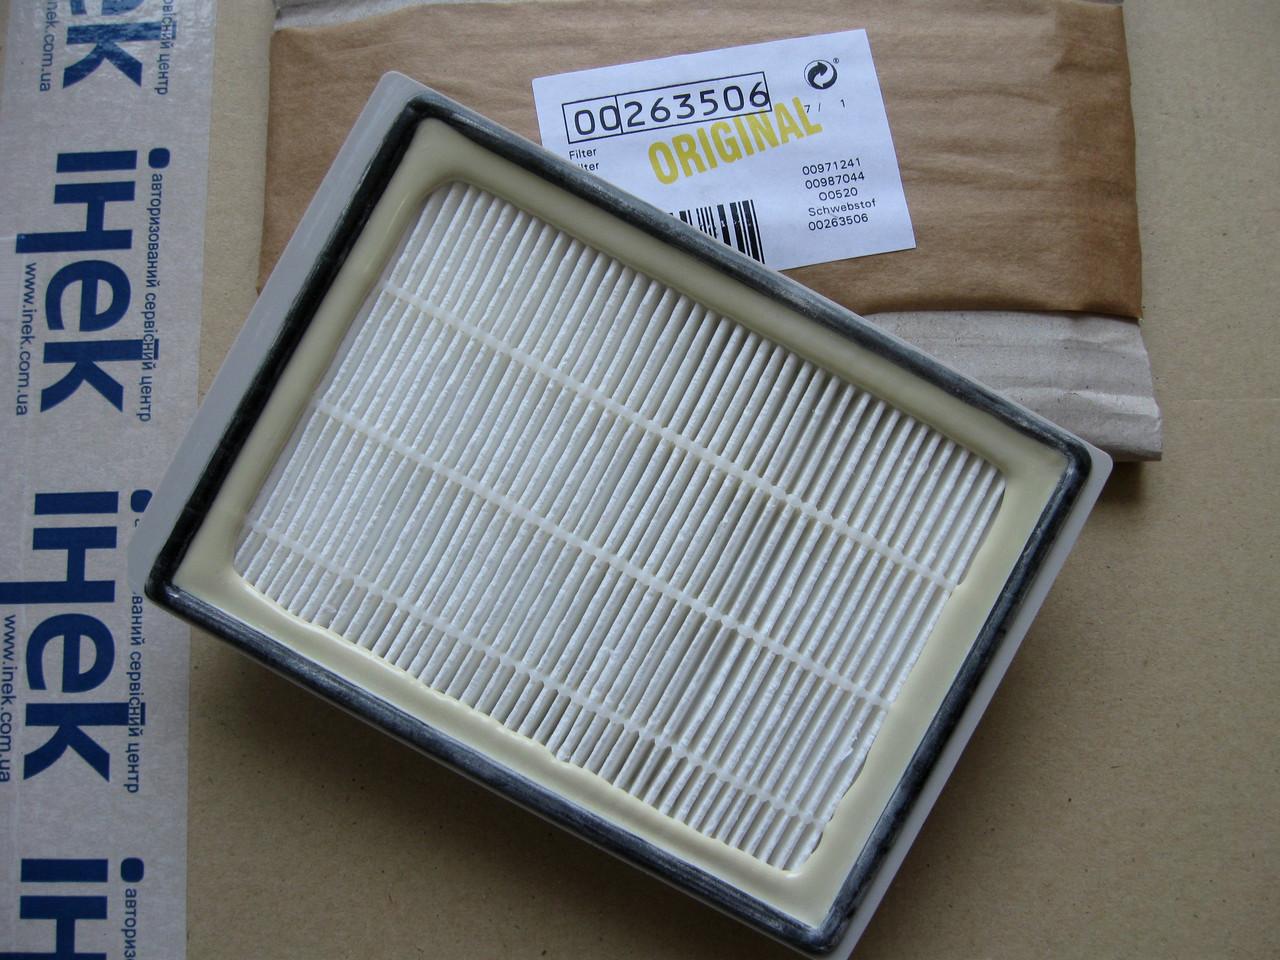 Фильтр для пылесоса Bosch 00263506